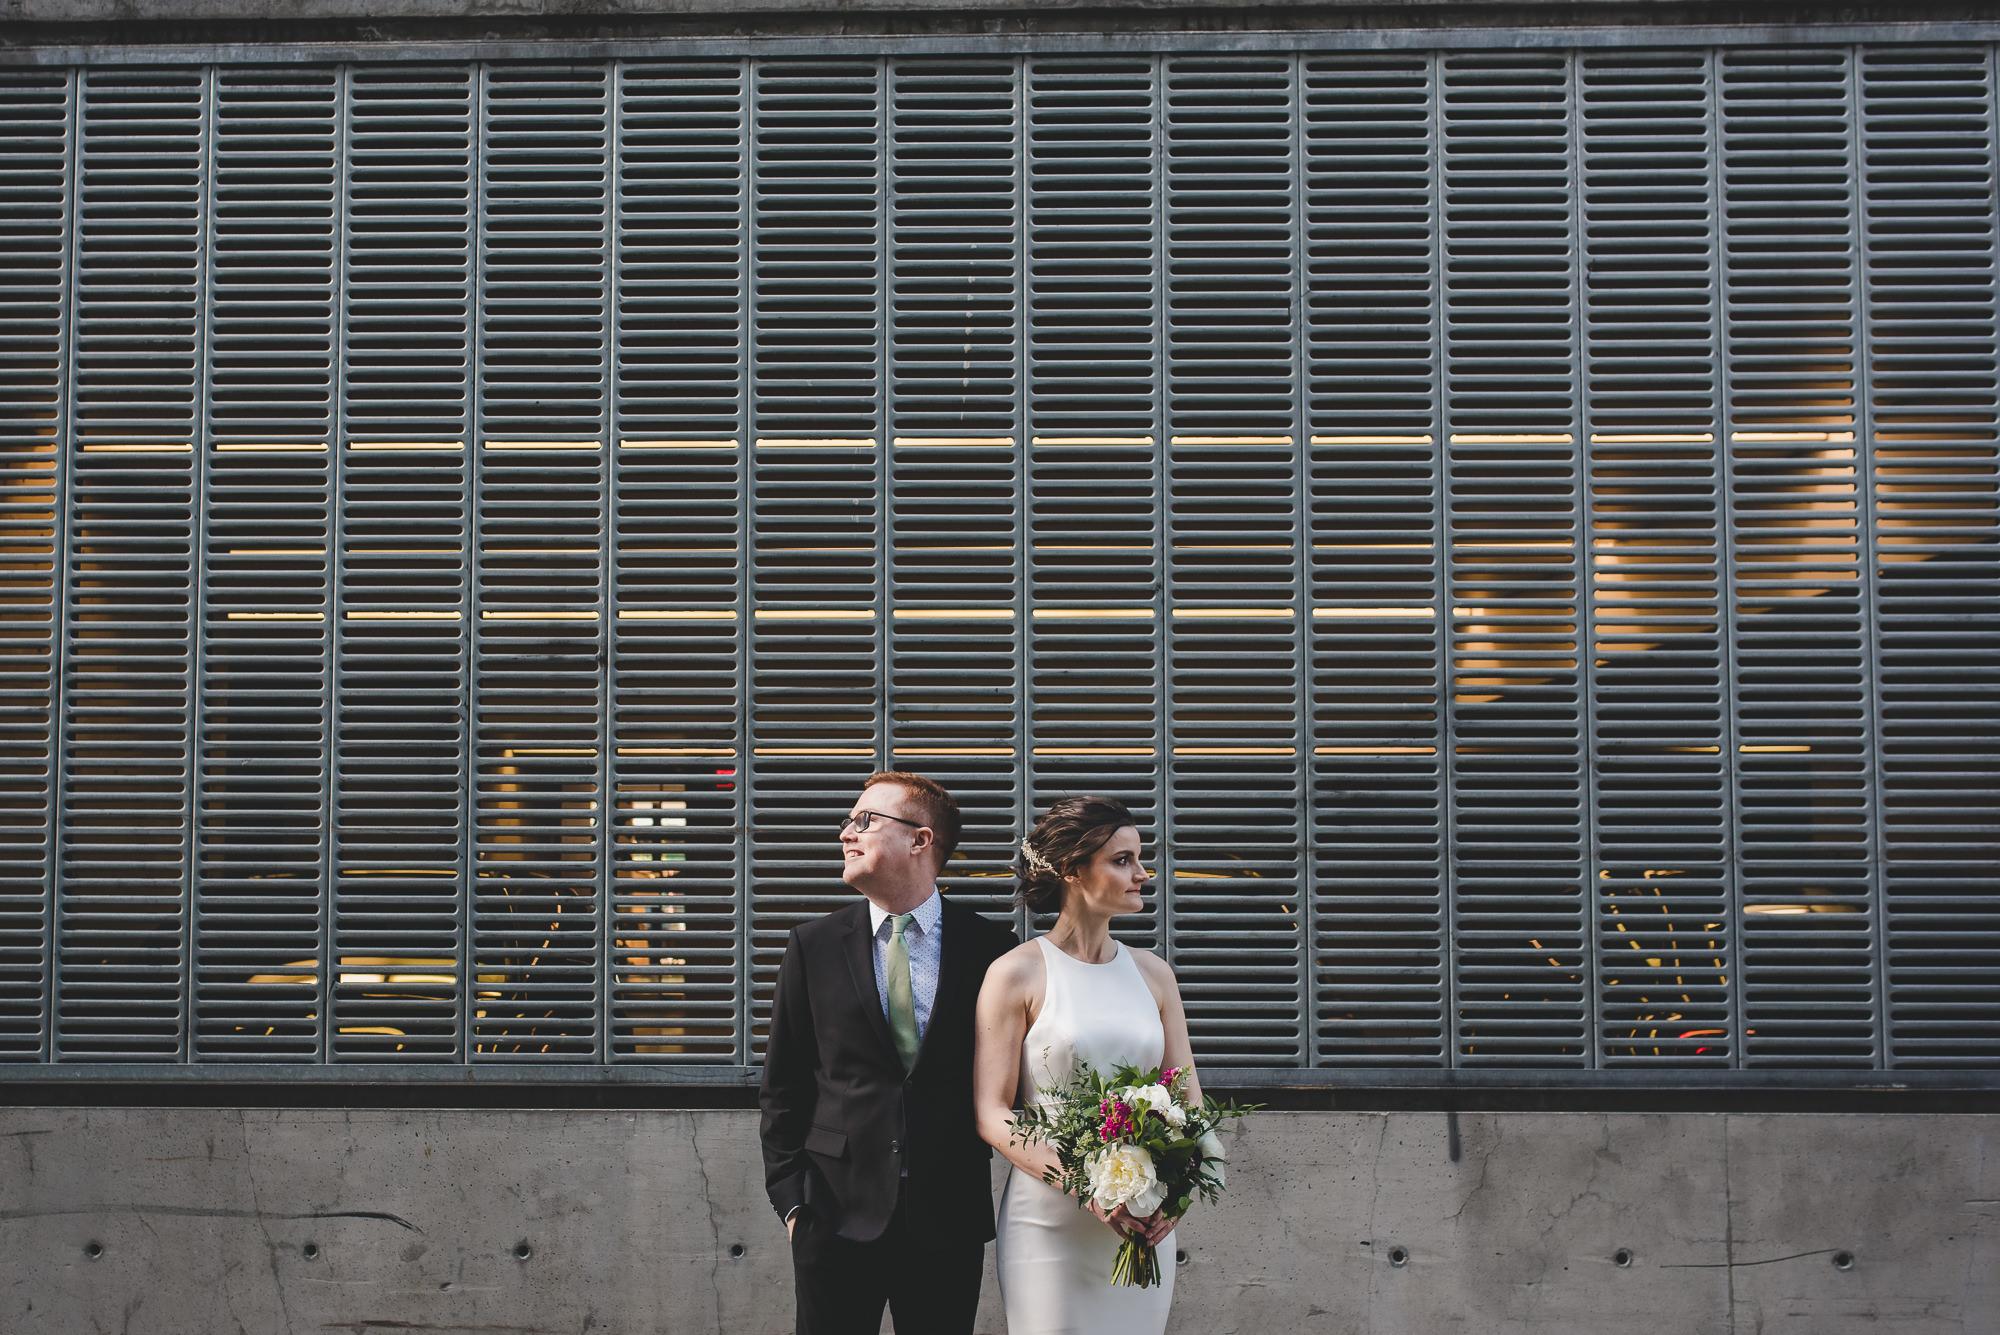 Labattoir-Gastown-wedding-photo-13.jpg